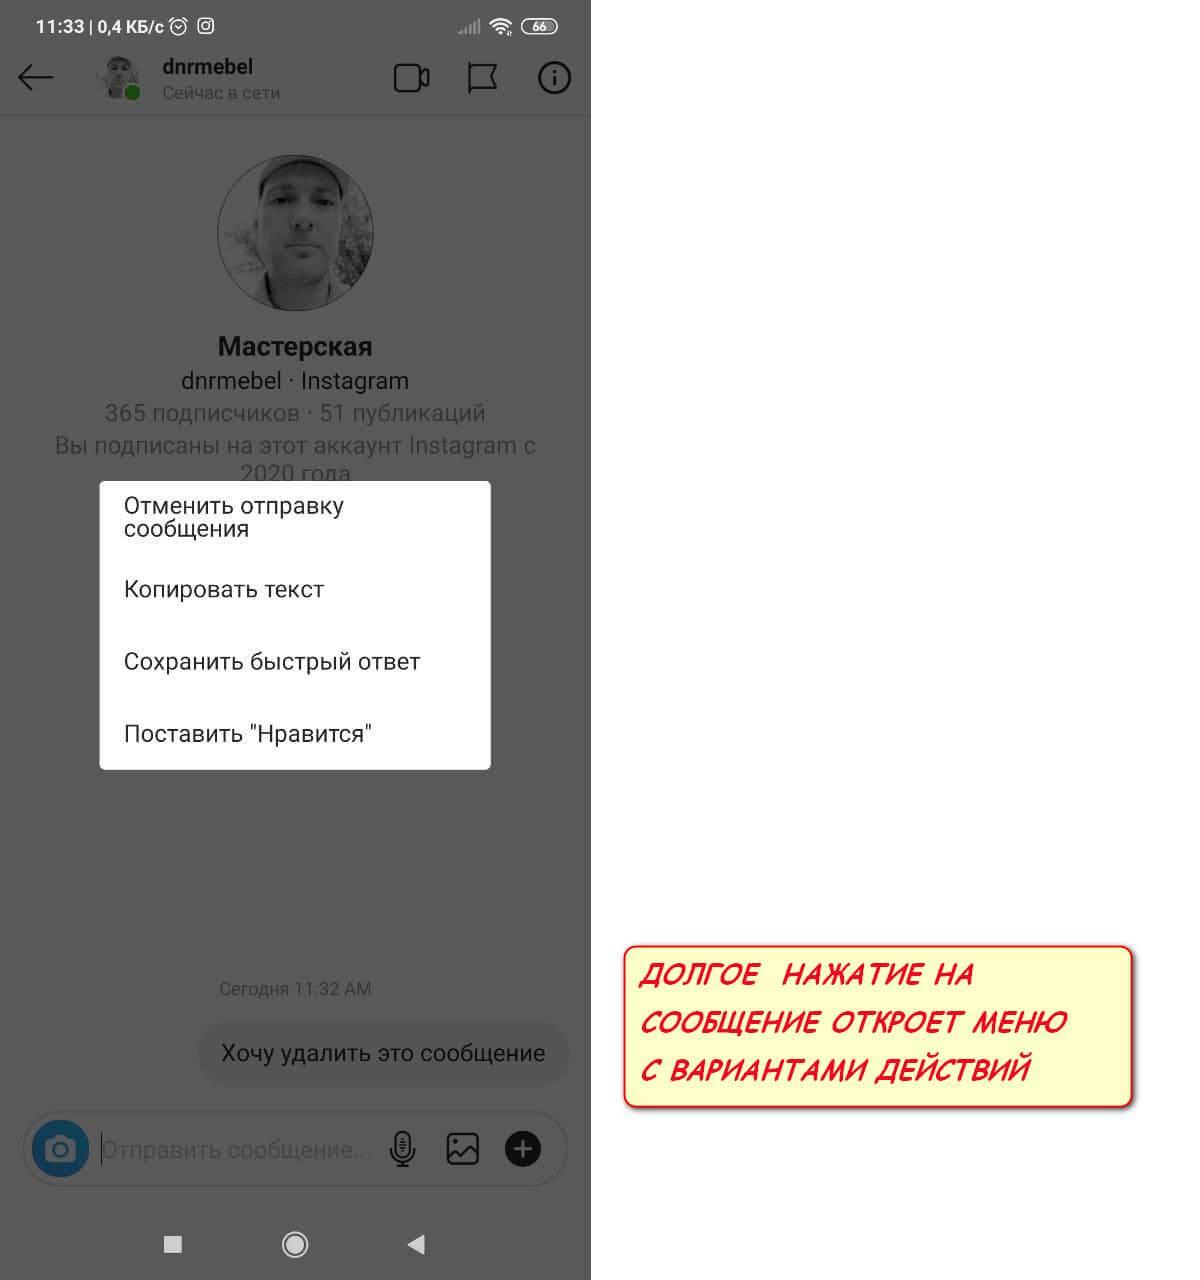 Сообщения в Директ Инстаграм